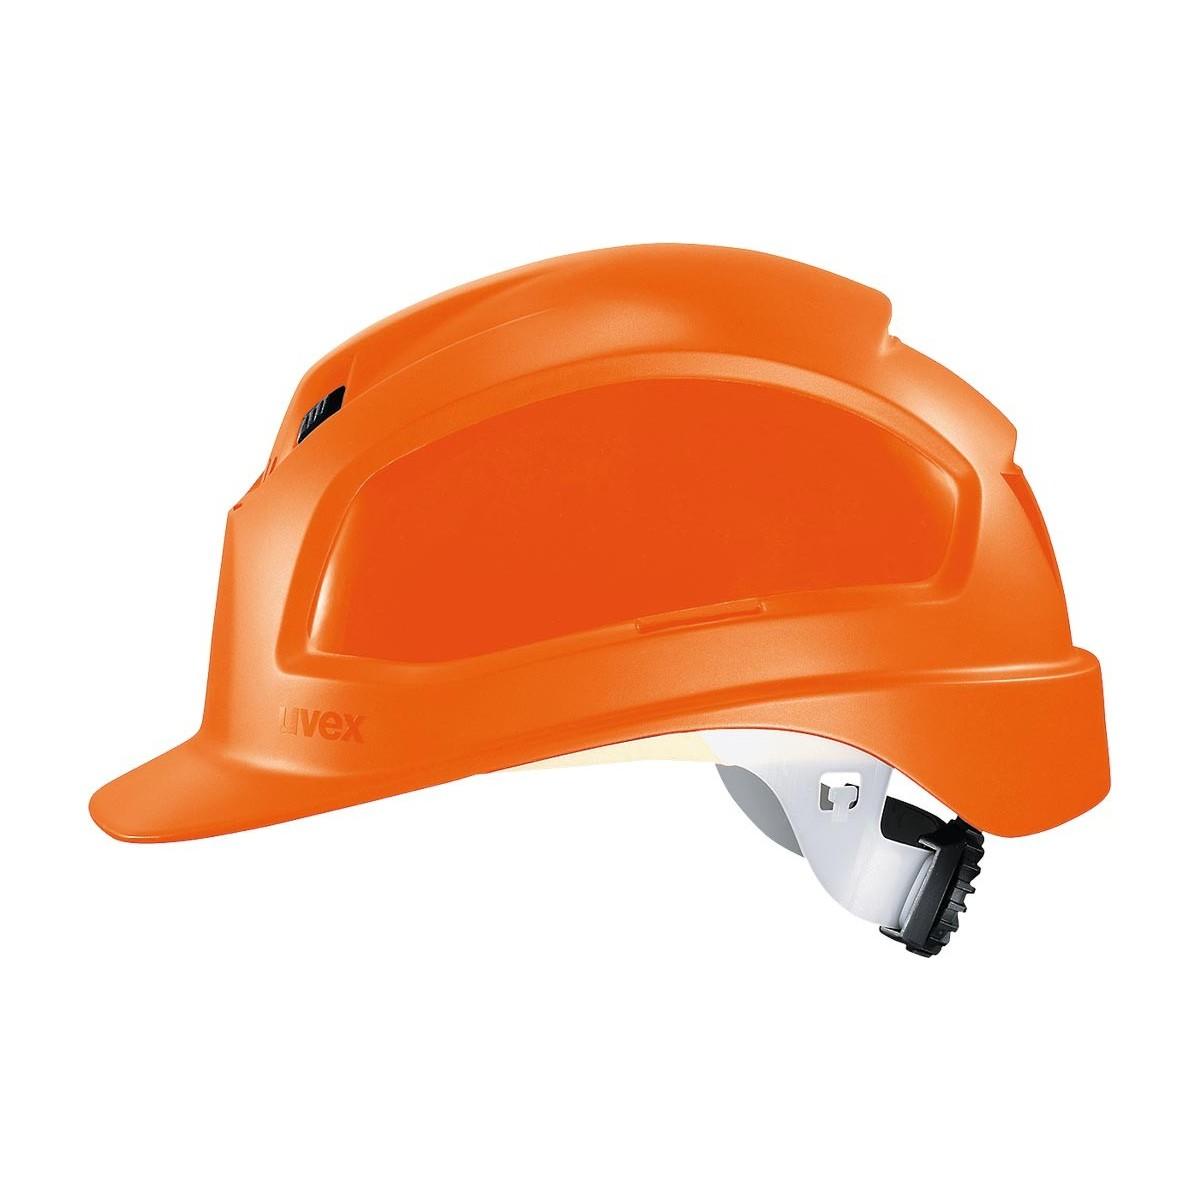 Hełm ochronny UVEX PHEOS pomarańczowy r. 52-61